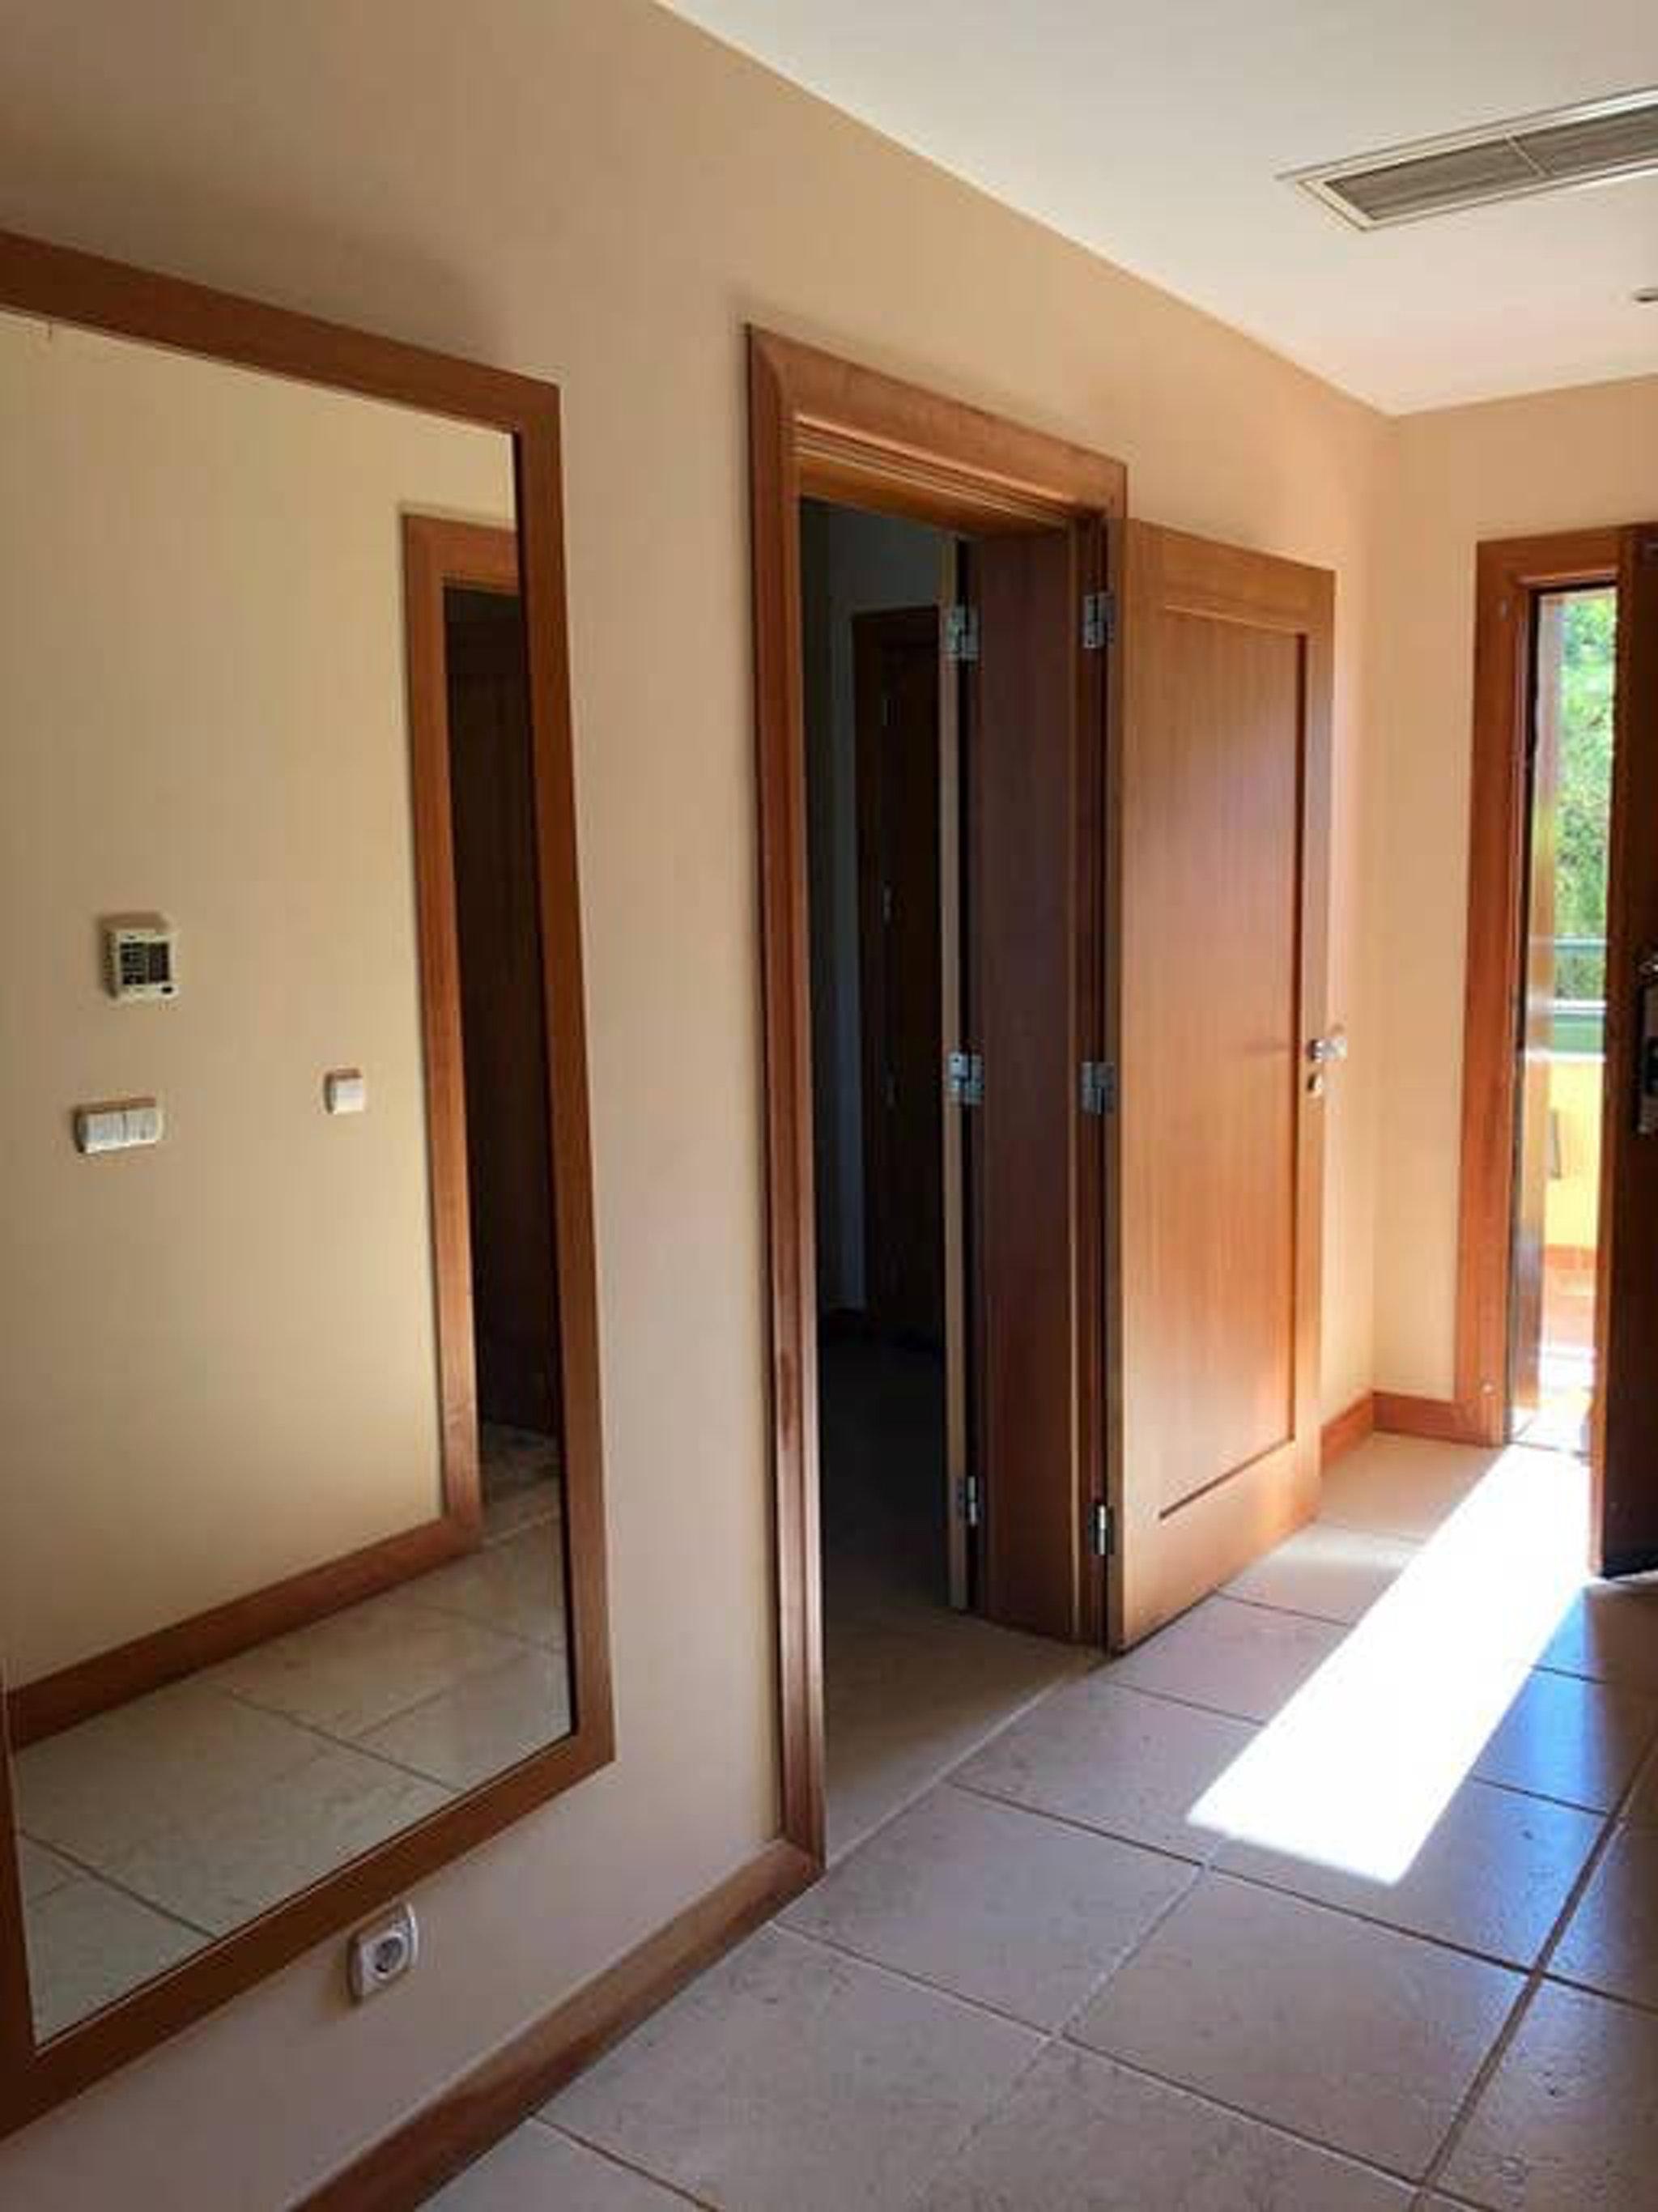 Ferienwohnung Wohnung mit einem Schlafzimmer in Estômbar mit bezauberndem Seeblick, Pool, eingezäuntem G (2623795), Estombar, , Algarve, Portugal, Bild 30